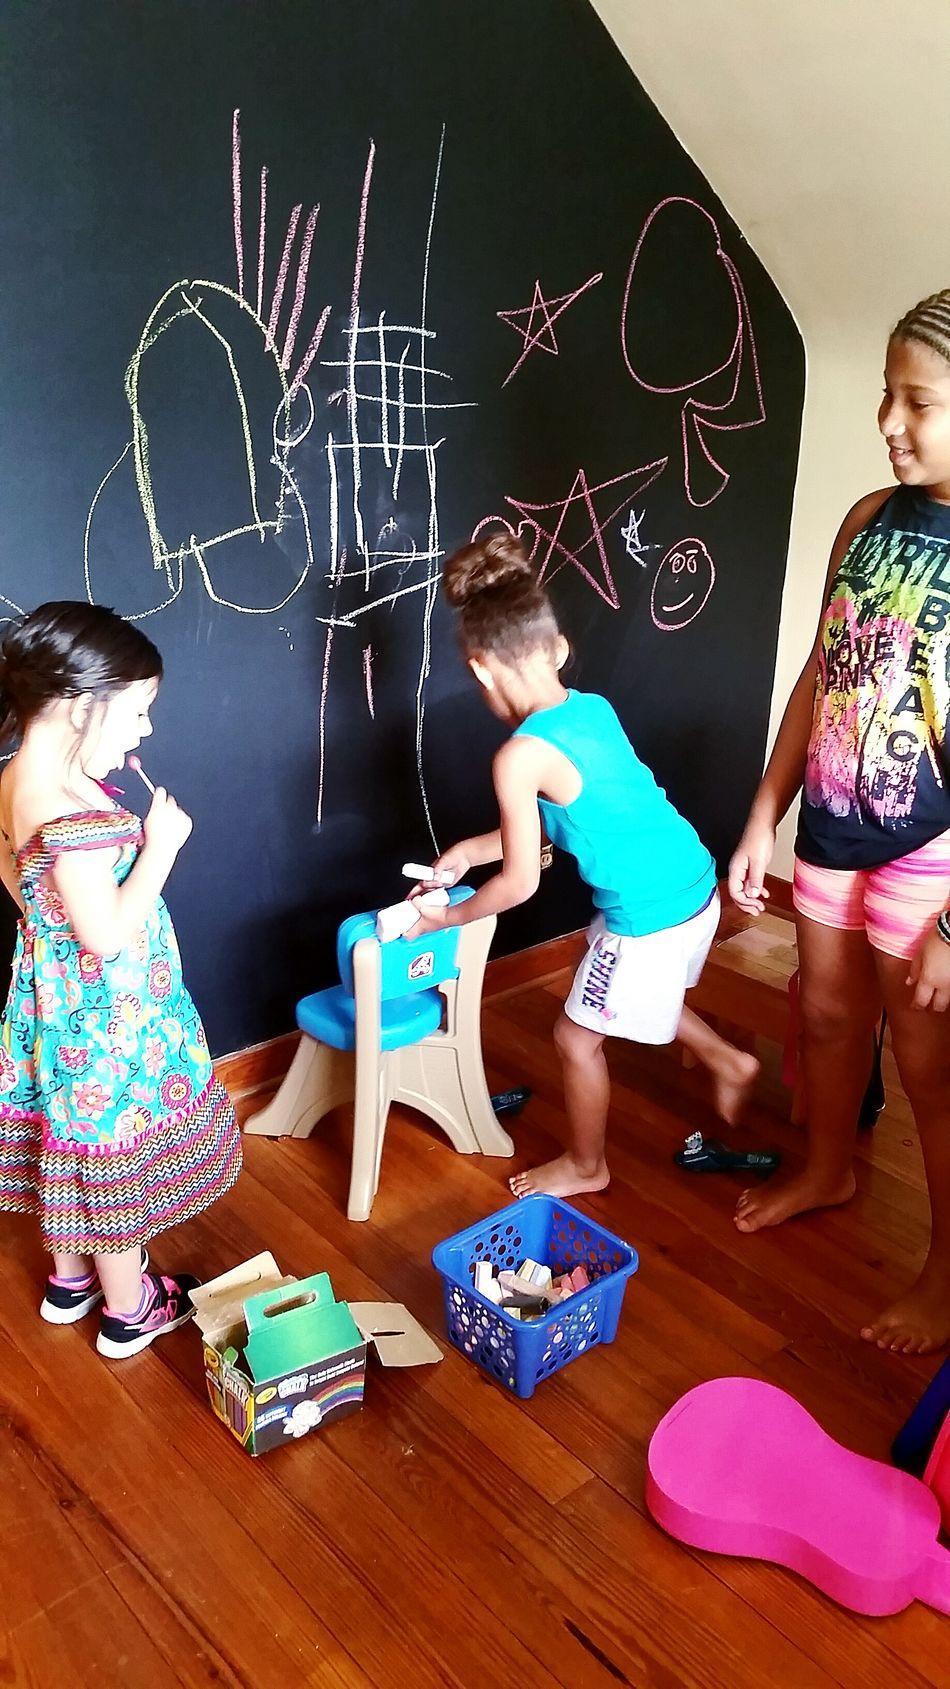 Love Funtimes Westvirgina Cousins  Chalkboard Wall Chalk Art Children Mixed Girls Beautiful Girls